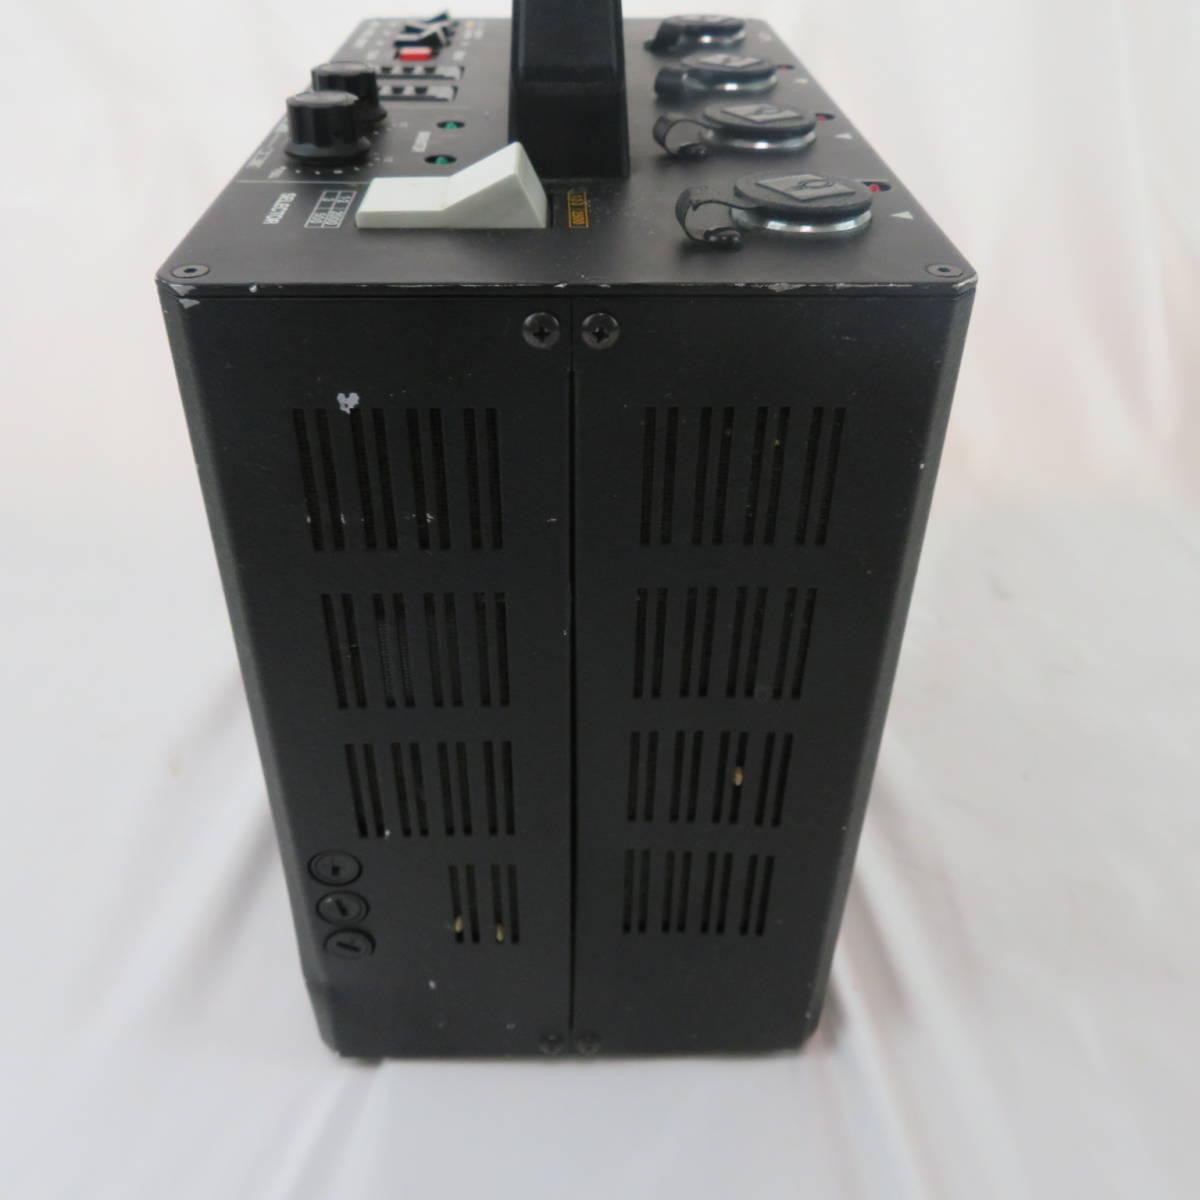 コメット CL-2500 ストロボ 業務用 動作未確認(20-1092)_画像4